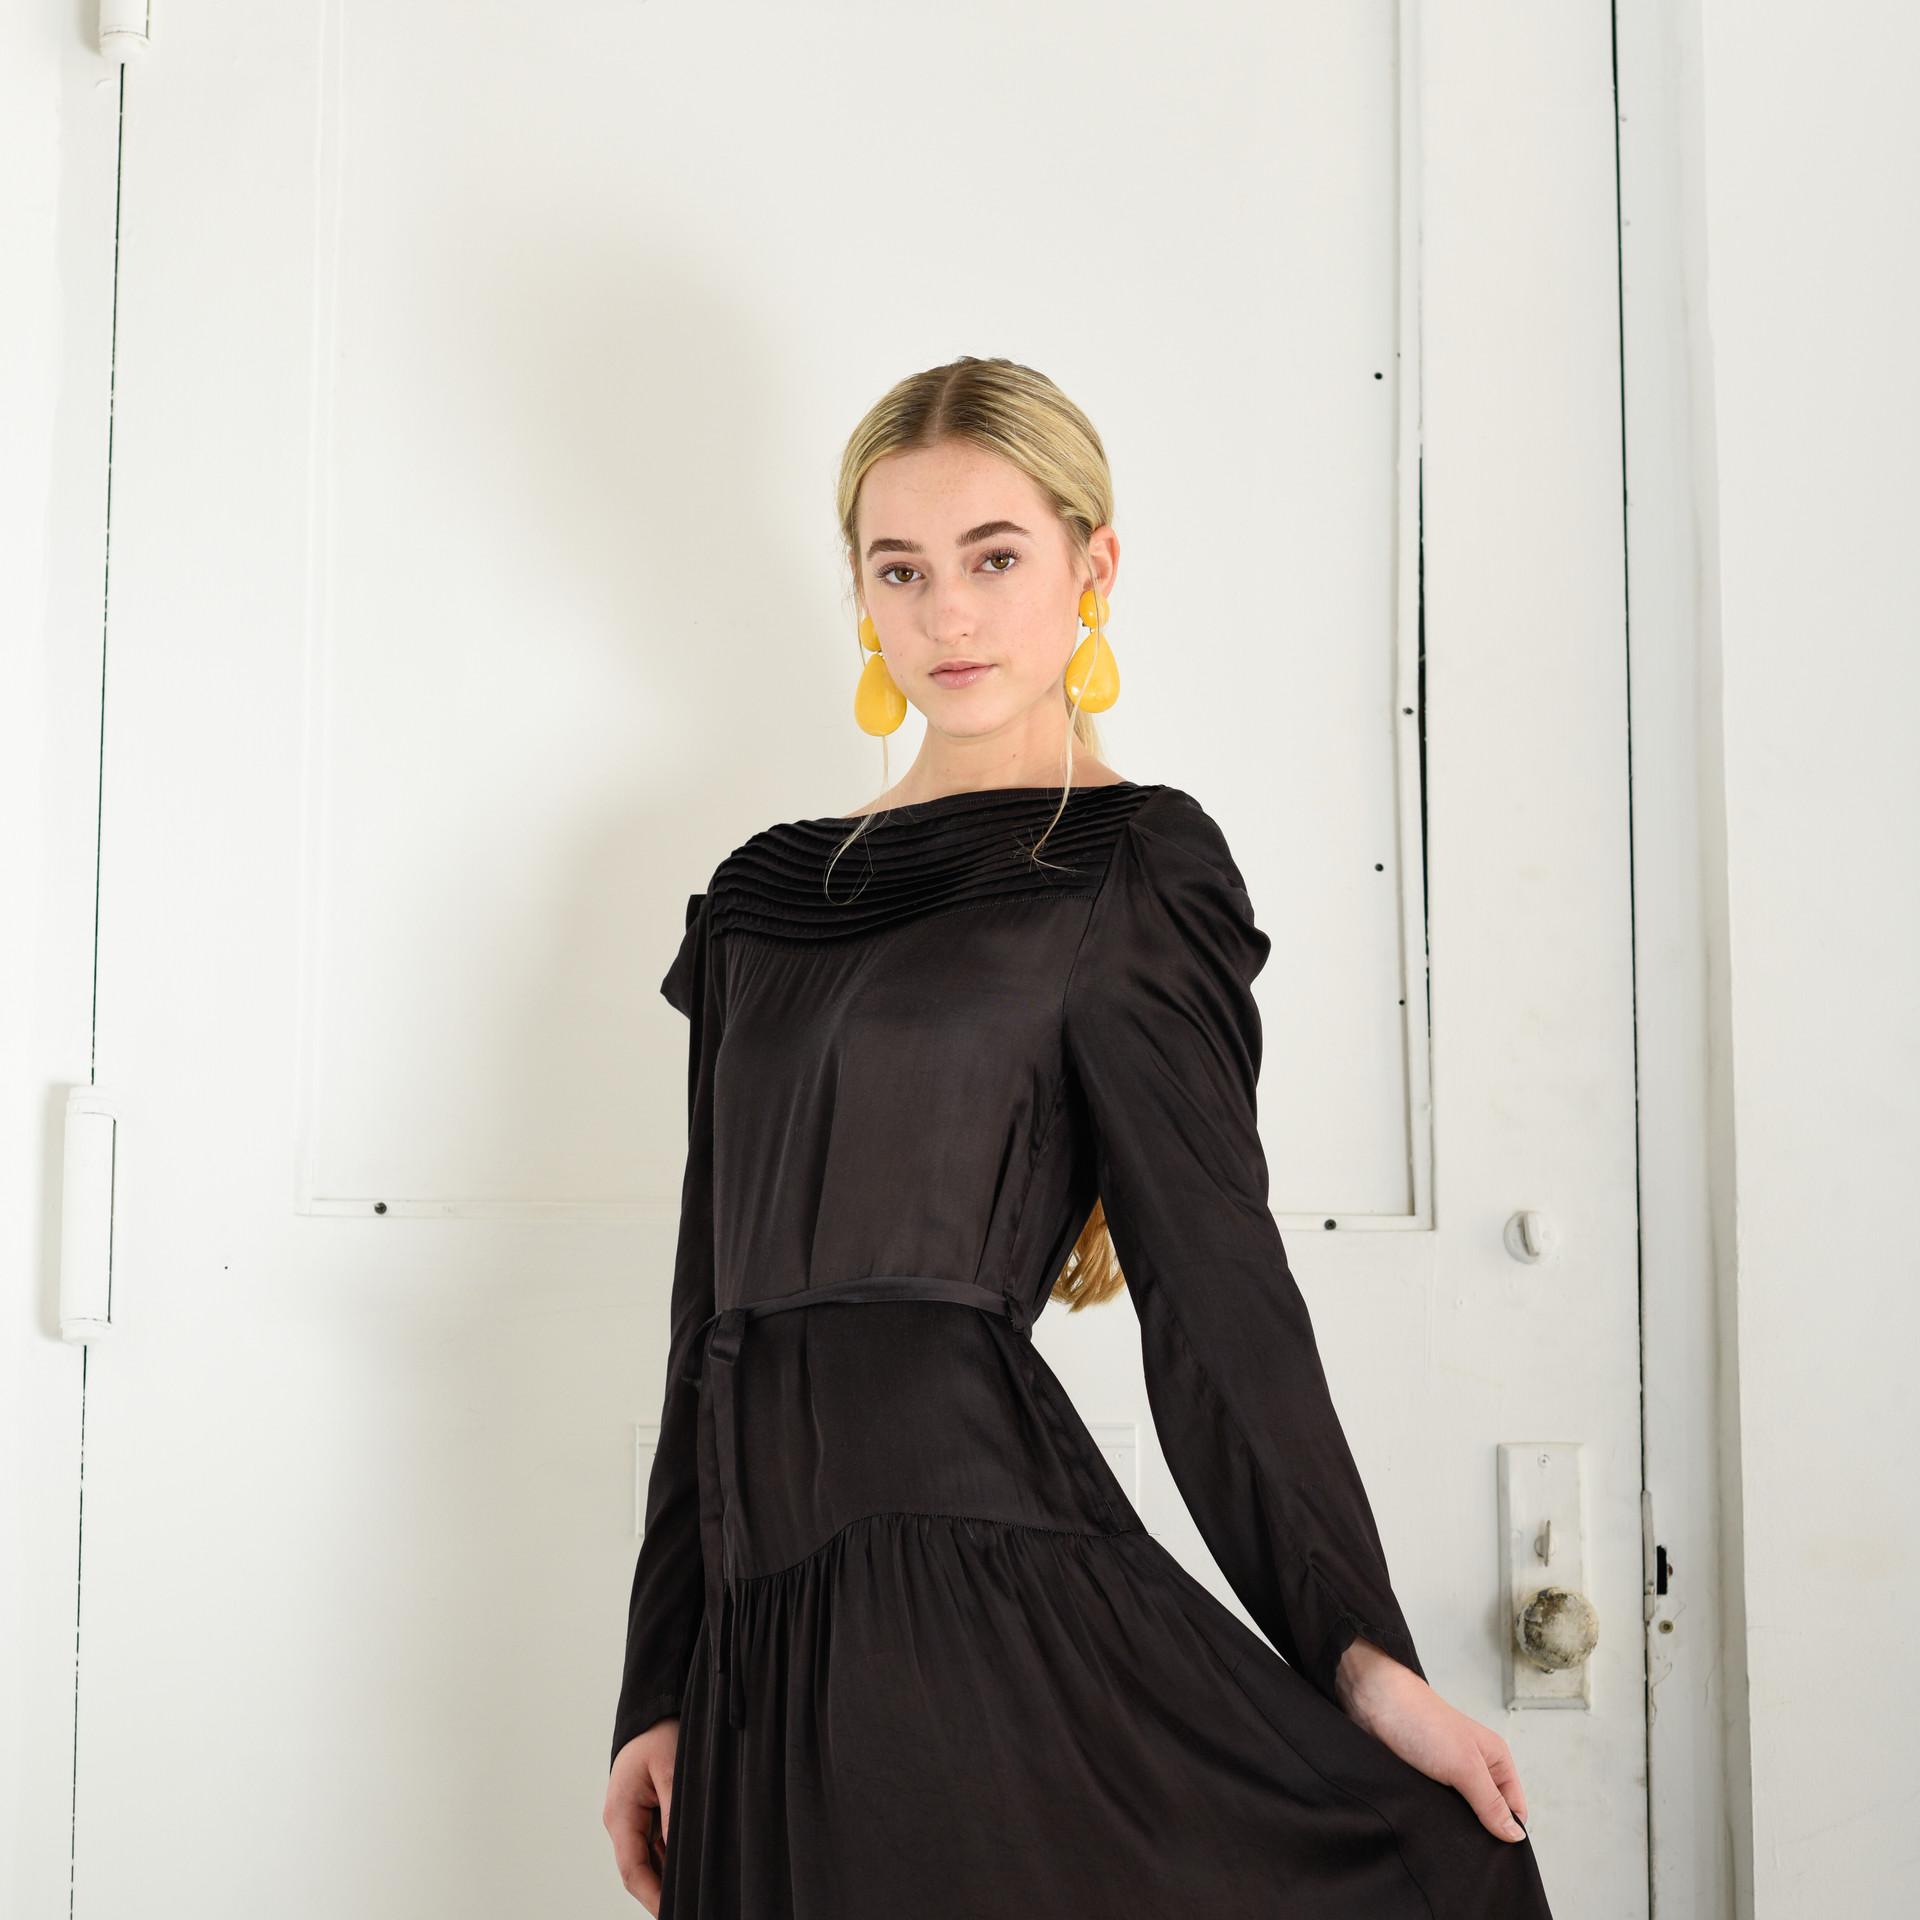 The Saffra dress in Black